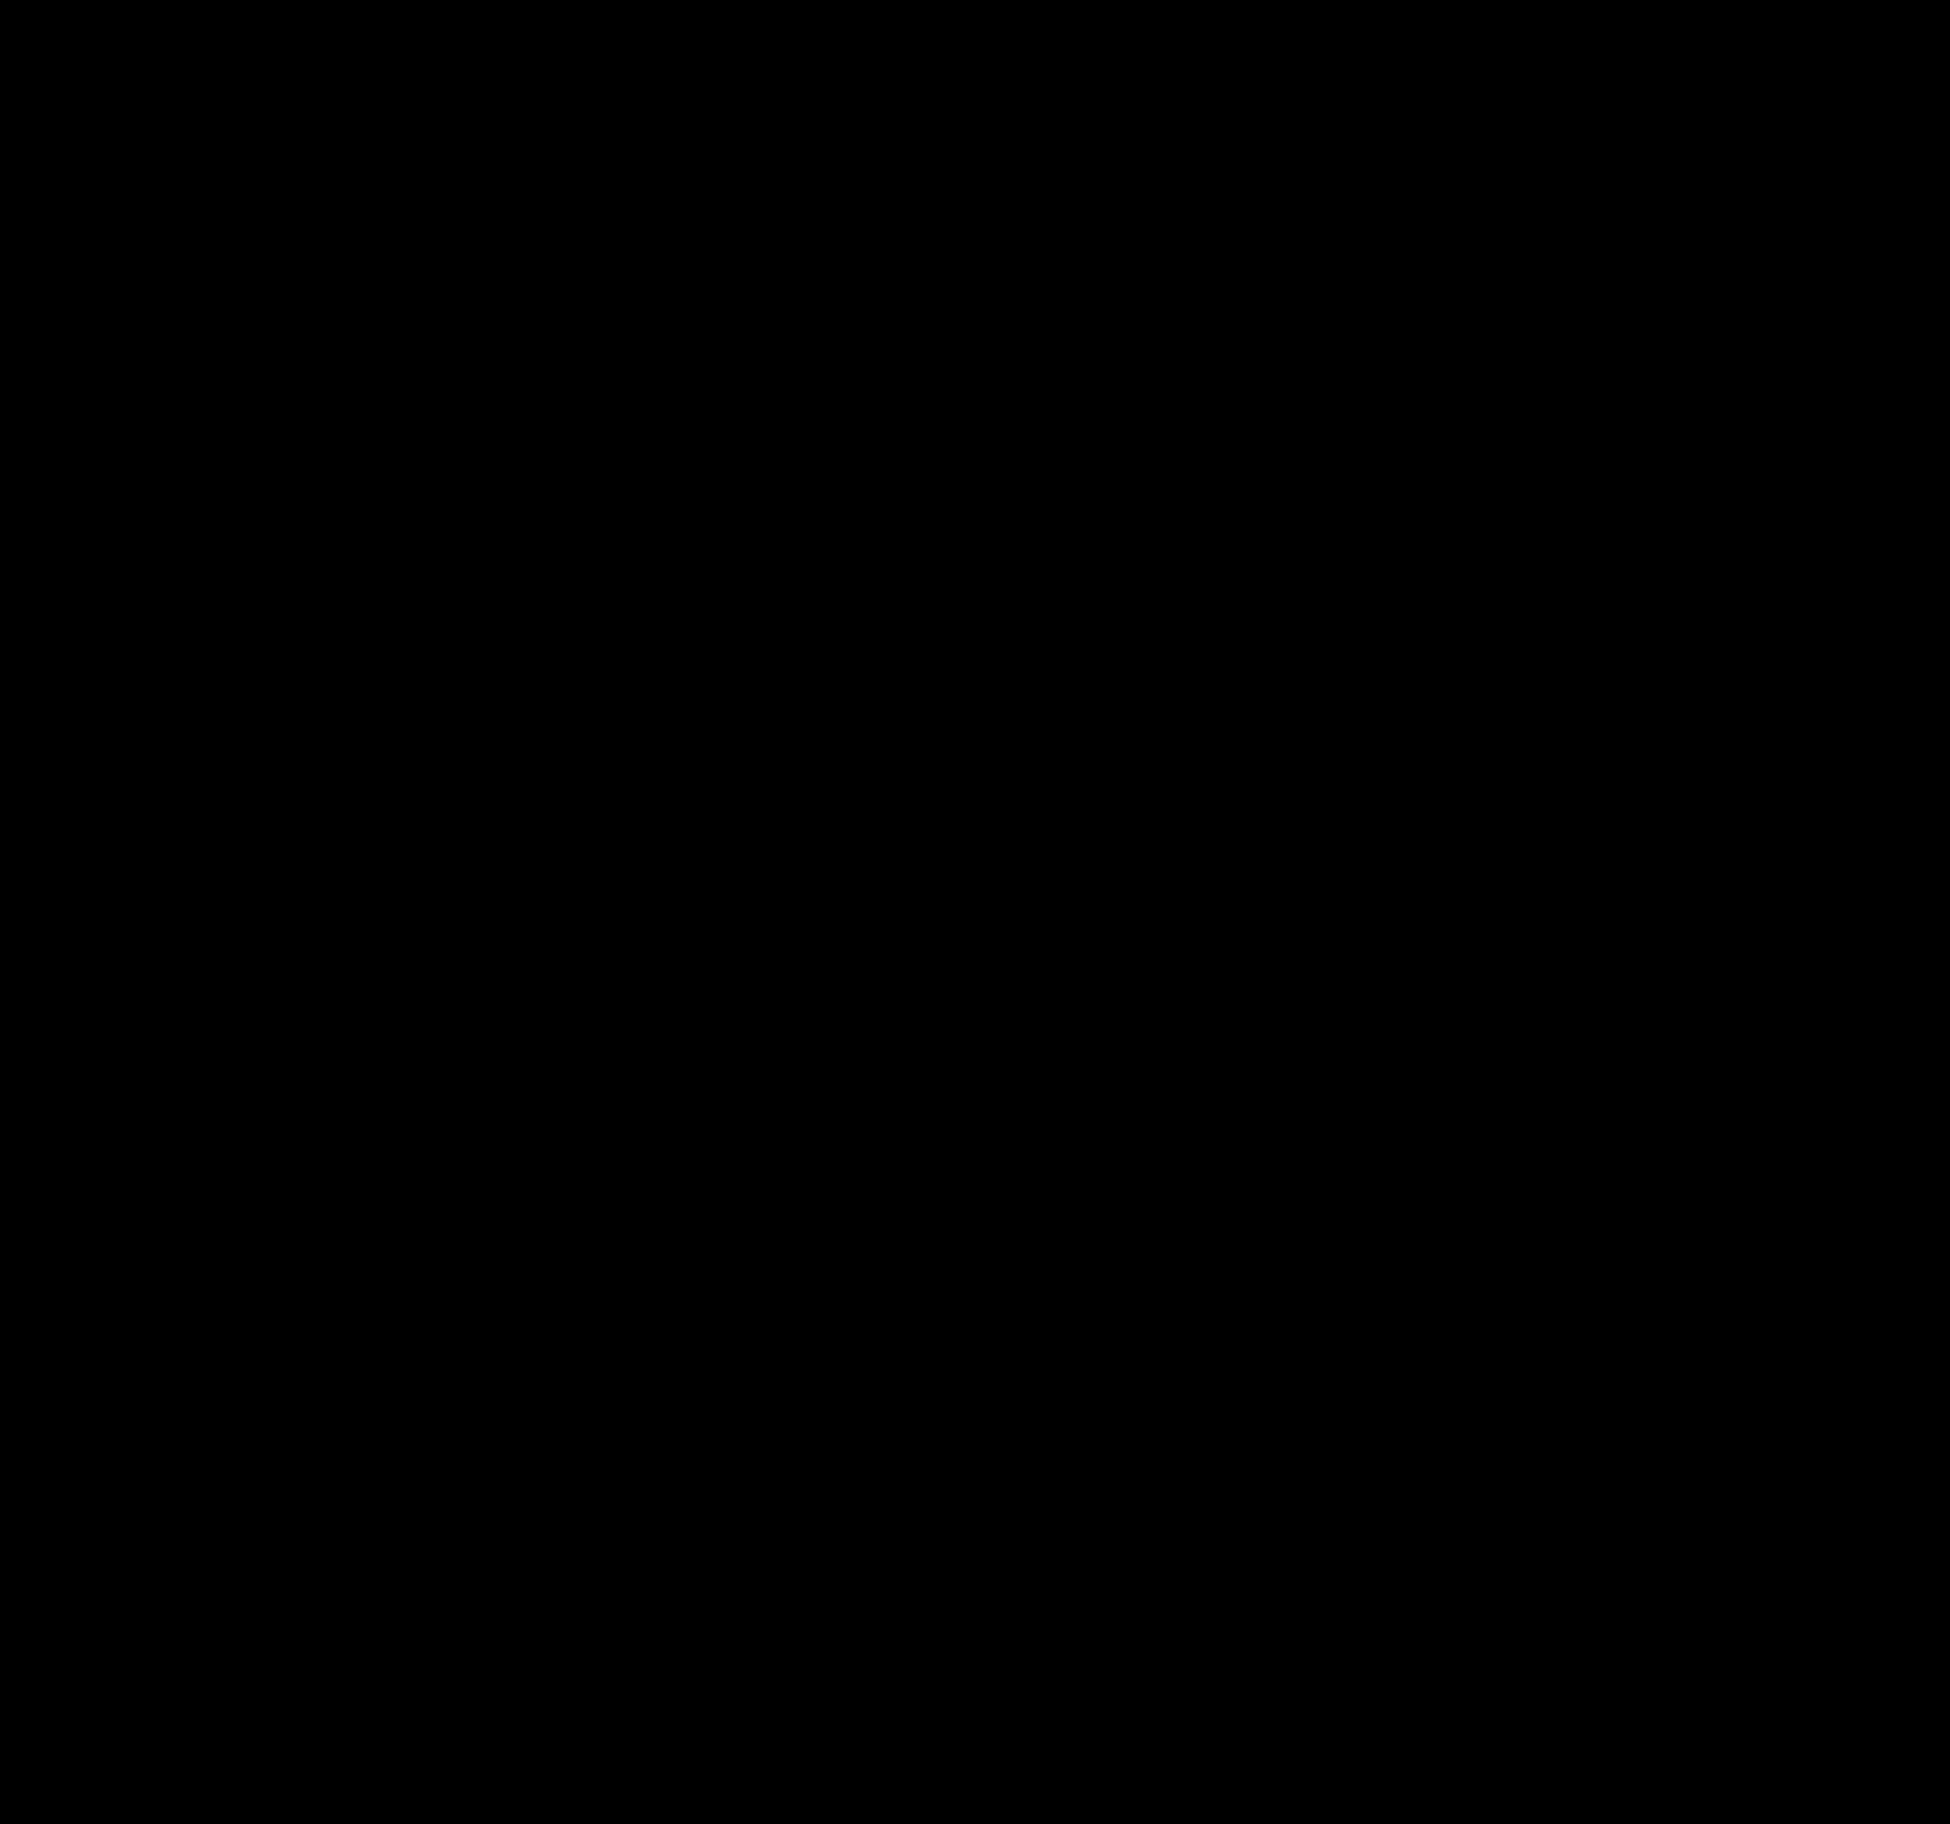 ビーチビーチロゴ